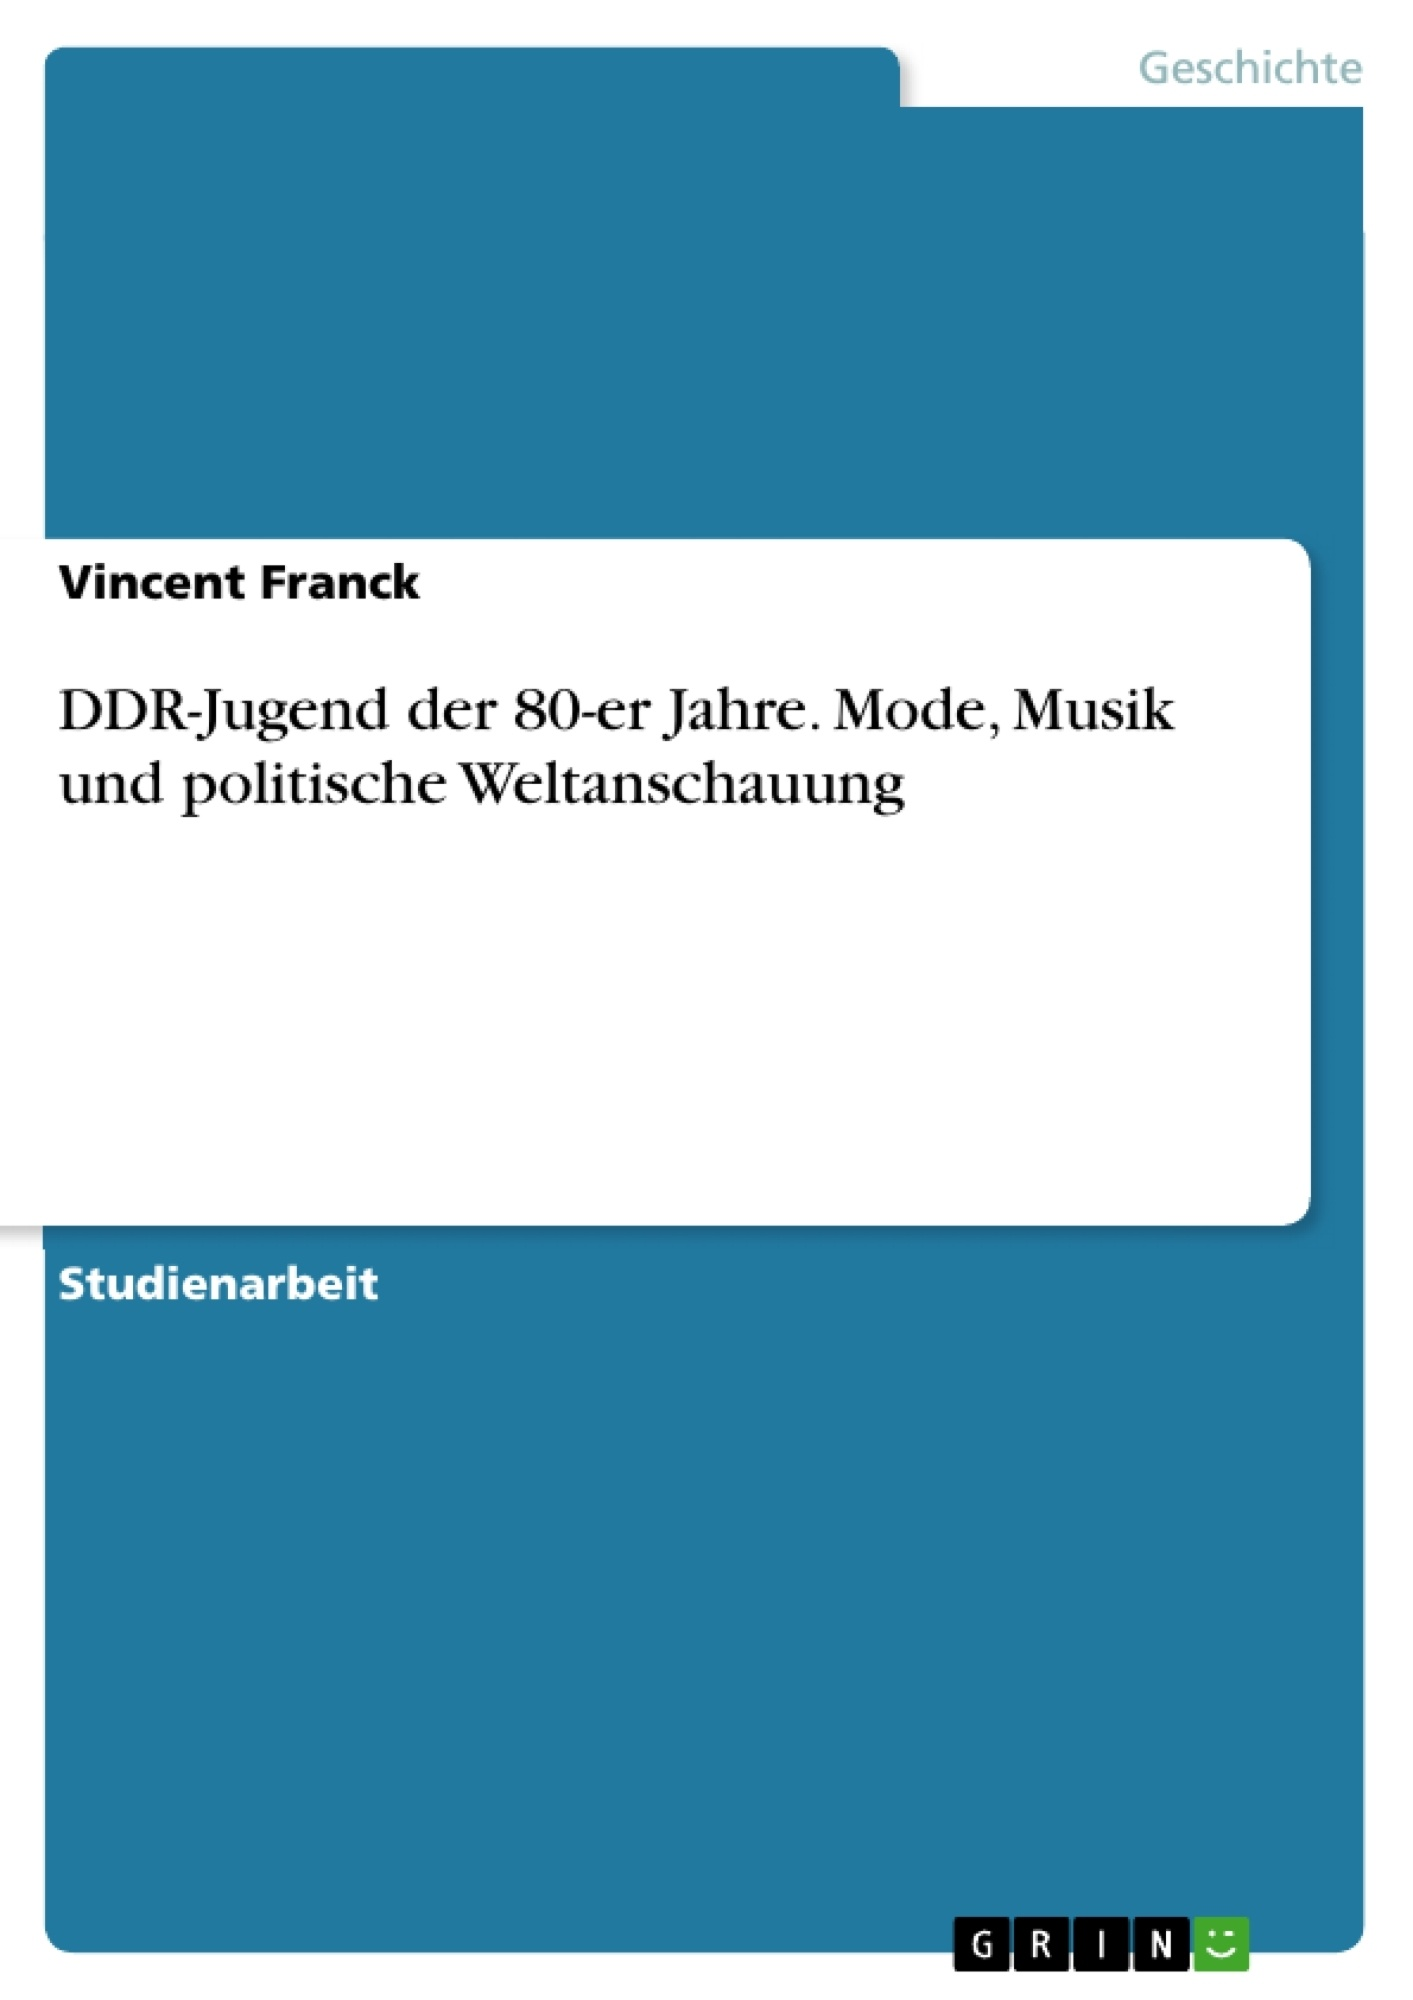 Titel: DDR-Jugend der 80-er Jahre. Mode, Musik und politische Weltanschauung